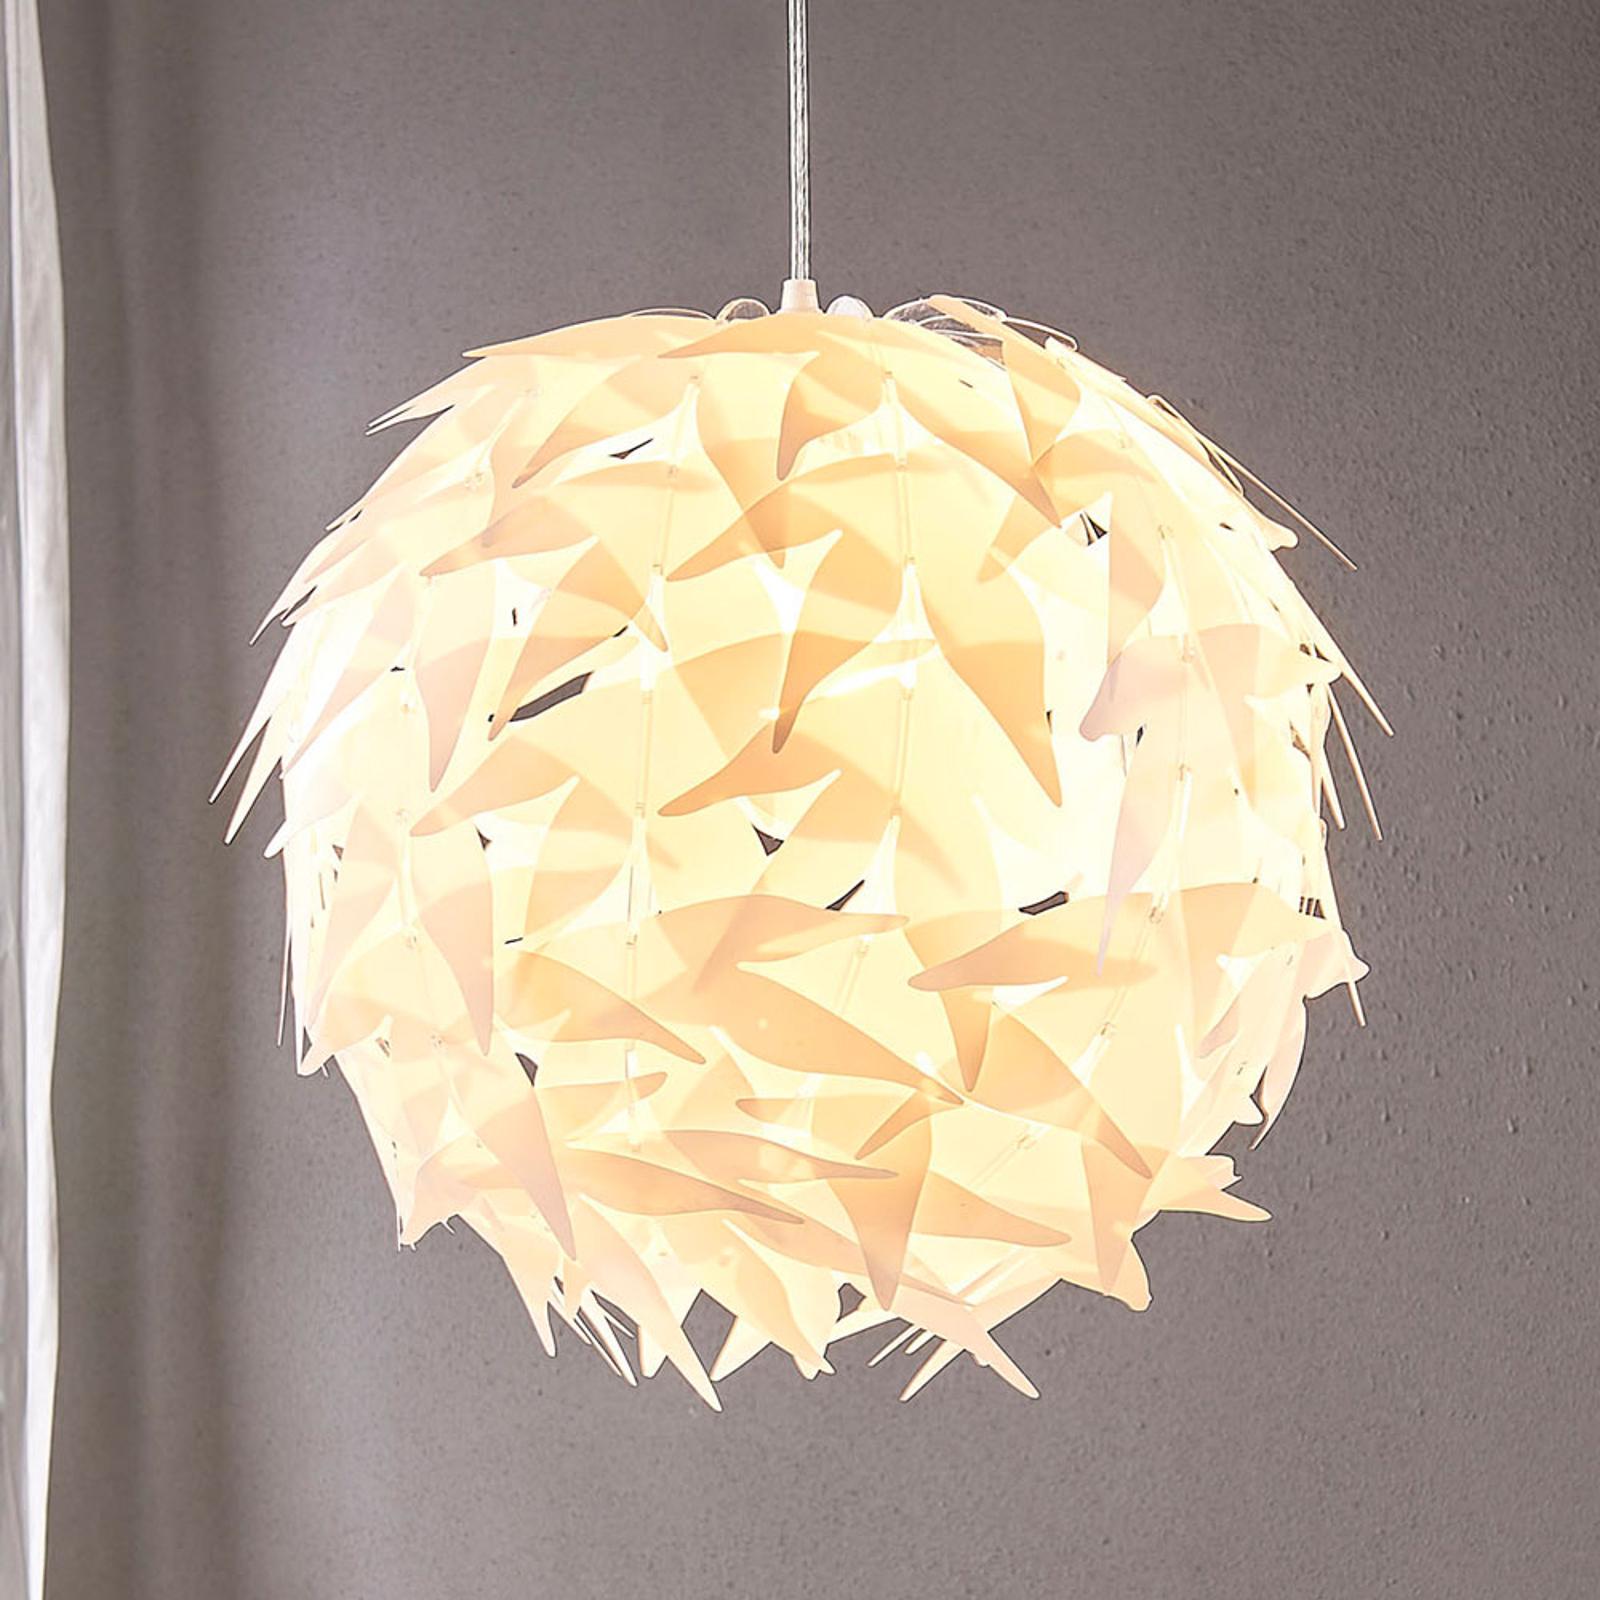 Lámpara colgante Corin de forma esférica, blanco